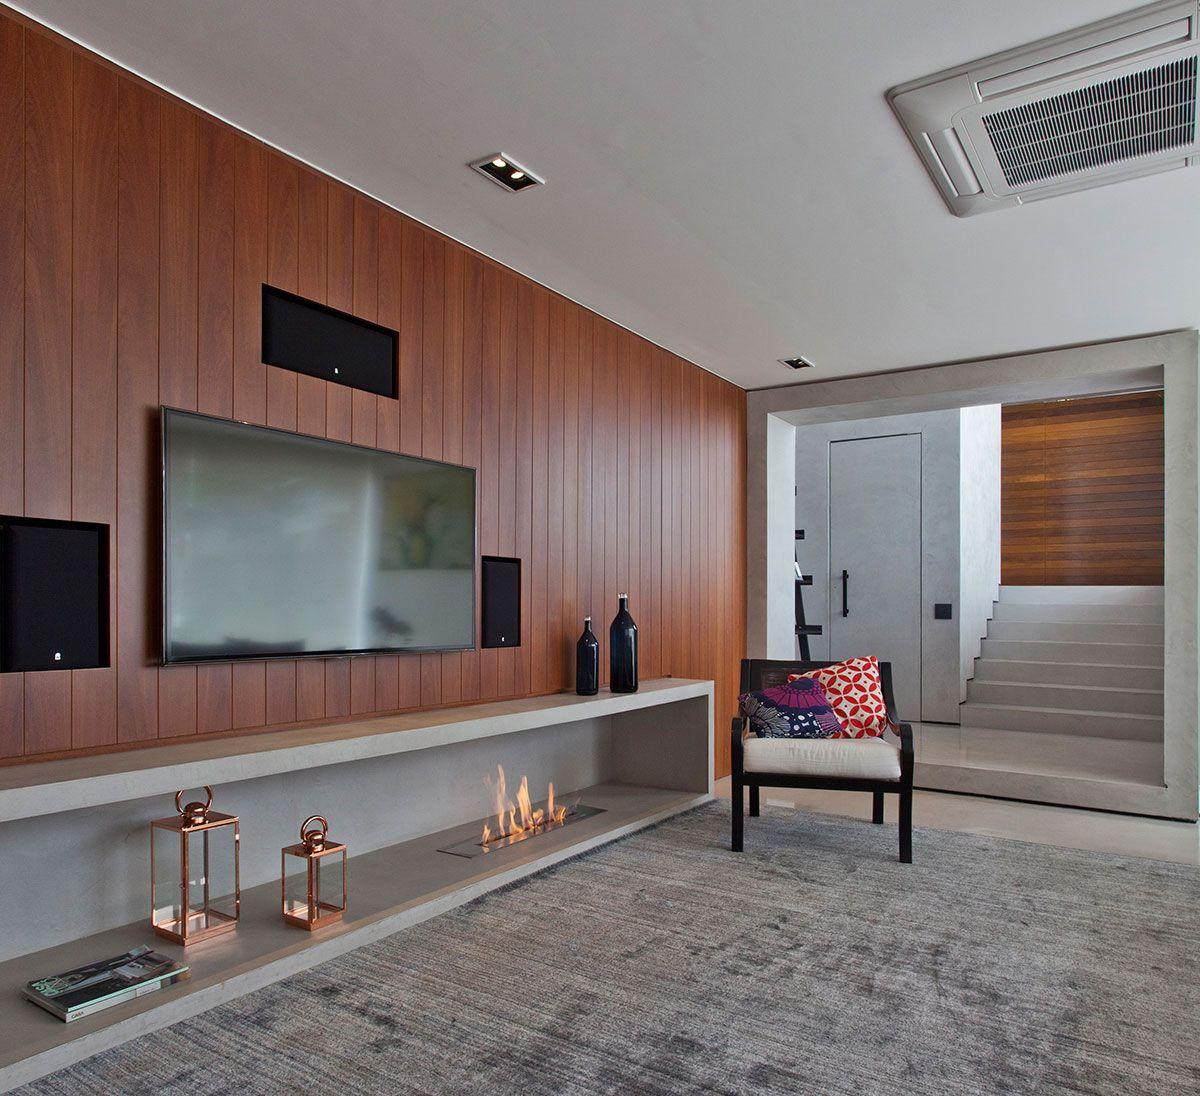 Casa decorada elegante e moderna.